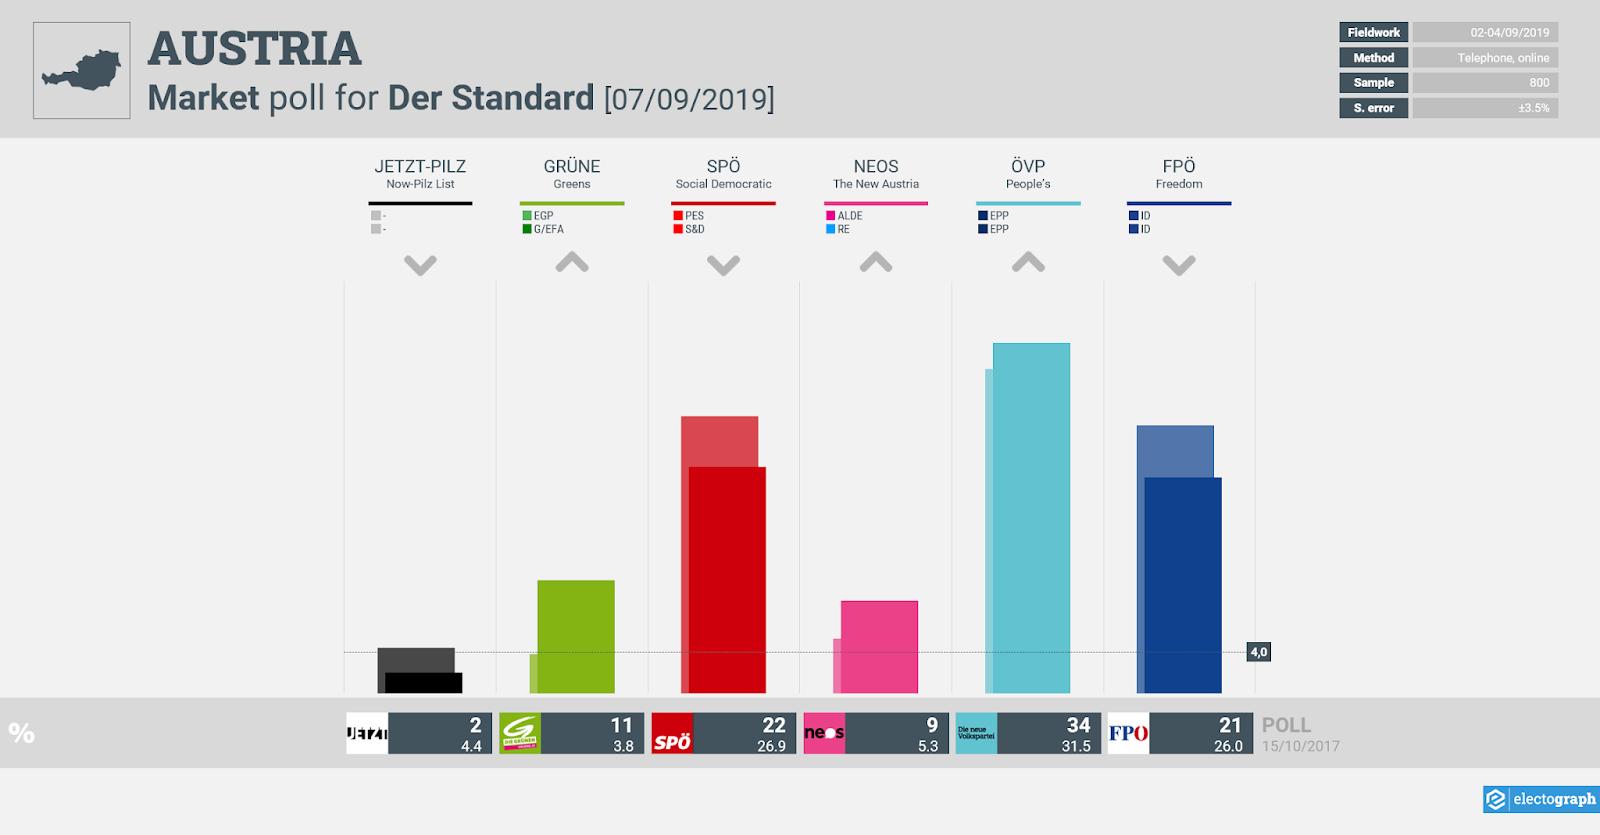 AUSTRIA: Market poll chart for Der Standard, 7 September 2019